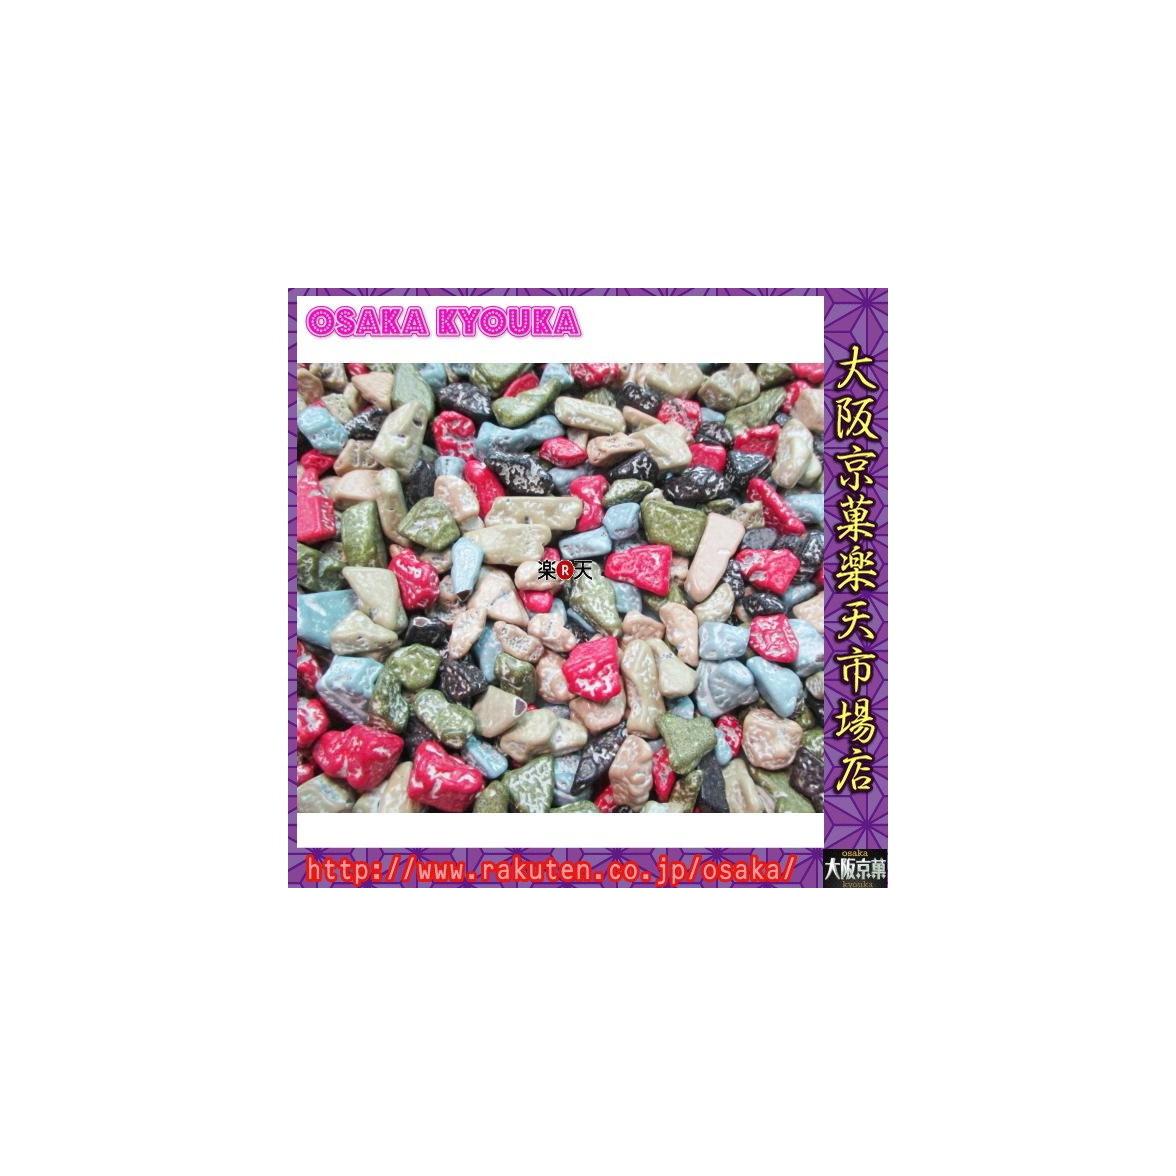 【メール便送料無料】ZRおかし企画 OE石井 500グラム【目安として750個】月の石チョコレート【チョコ】×1袋 +税 【ma】